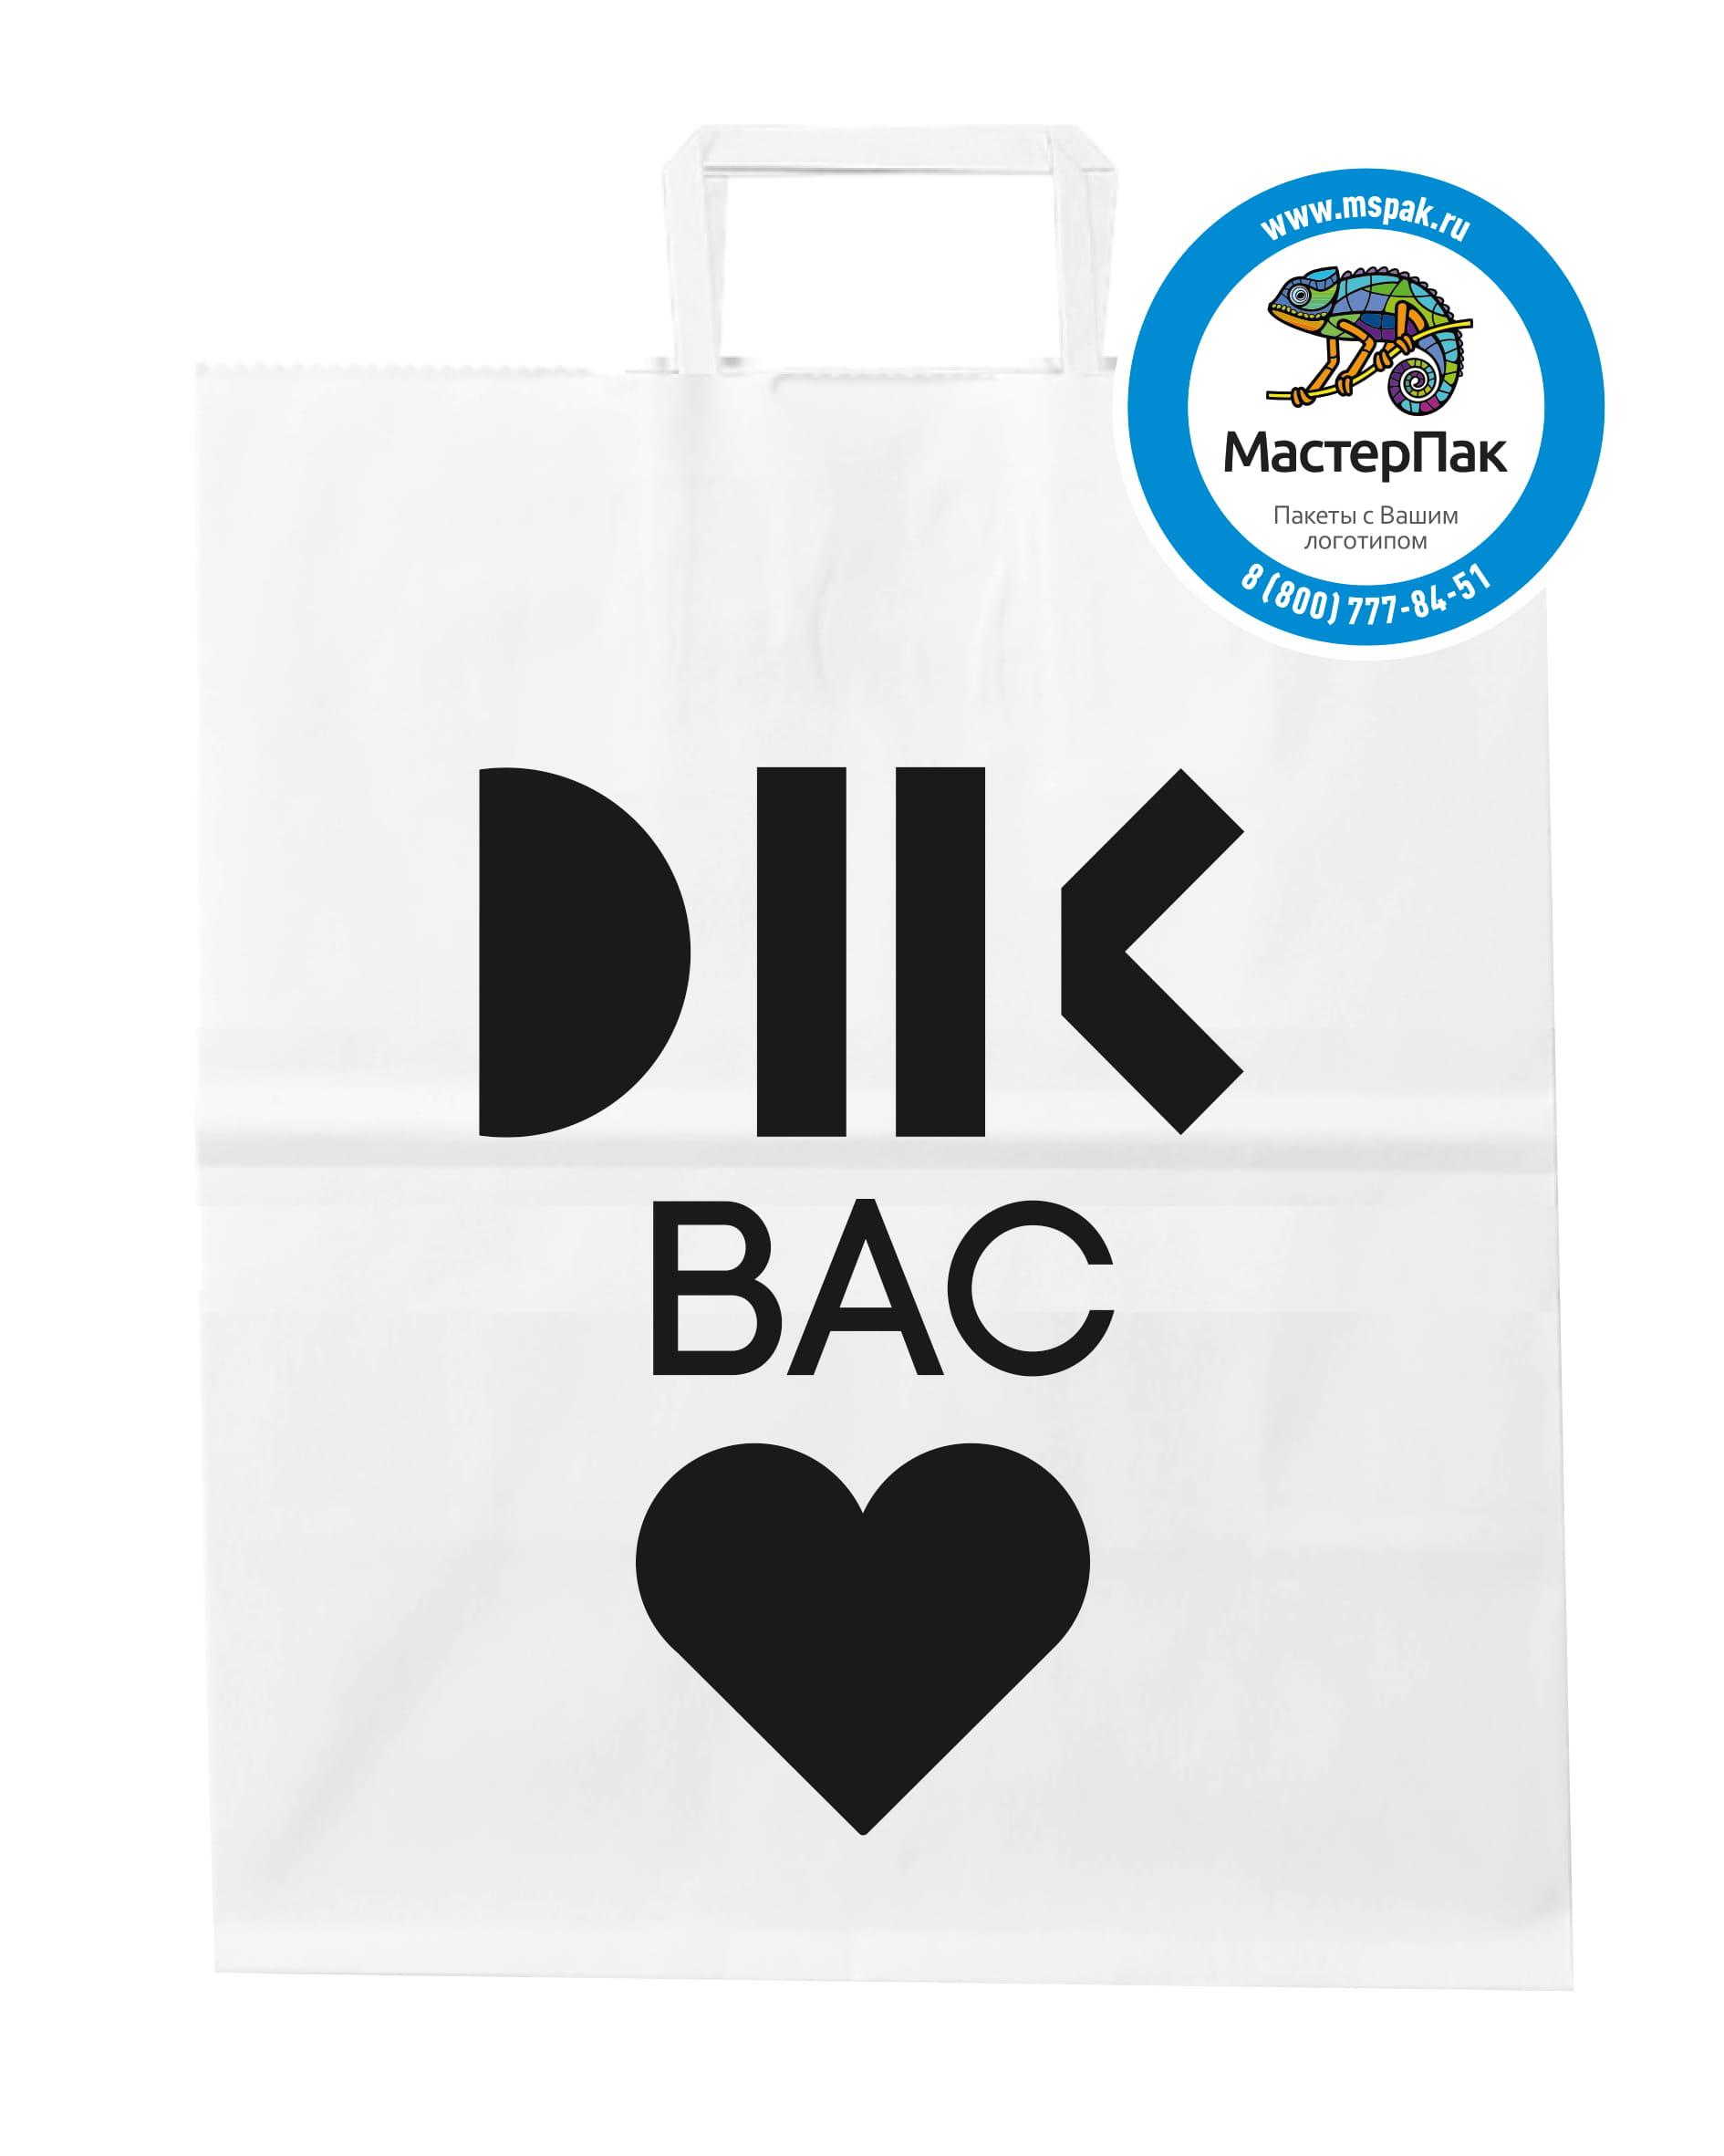 Пакет белый, бумажный с логотипом DIK BAC, Москва